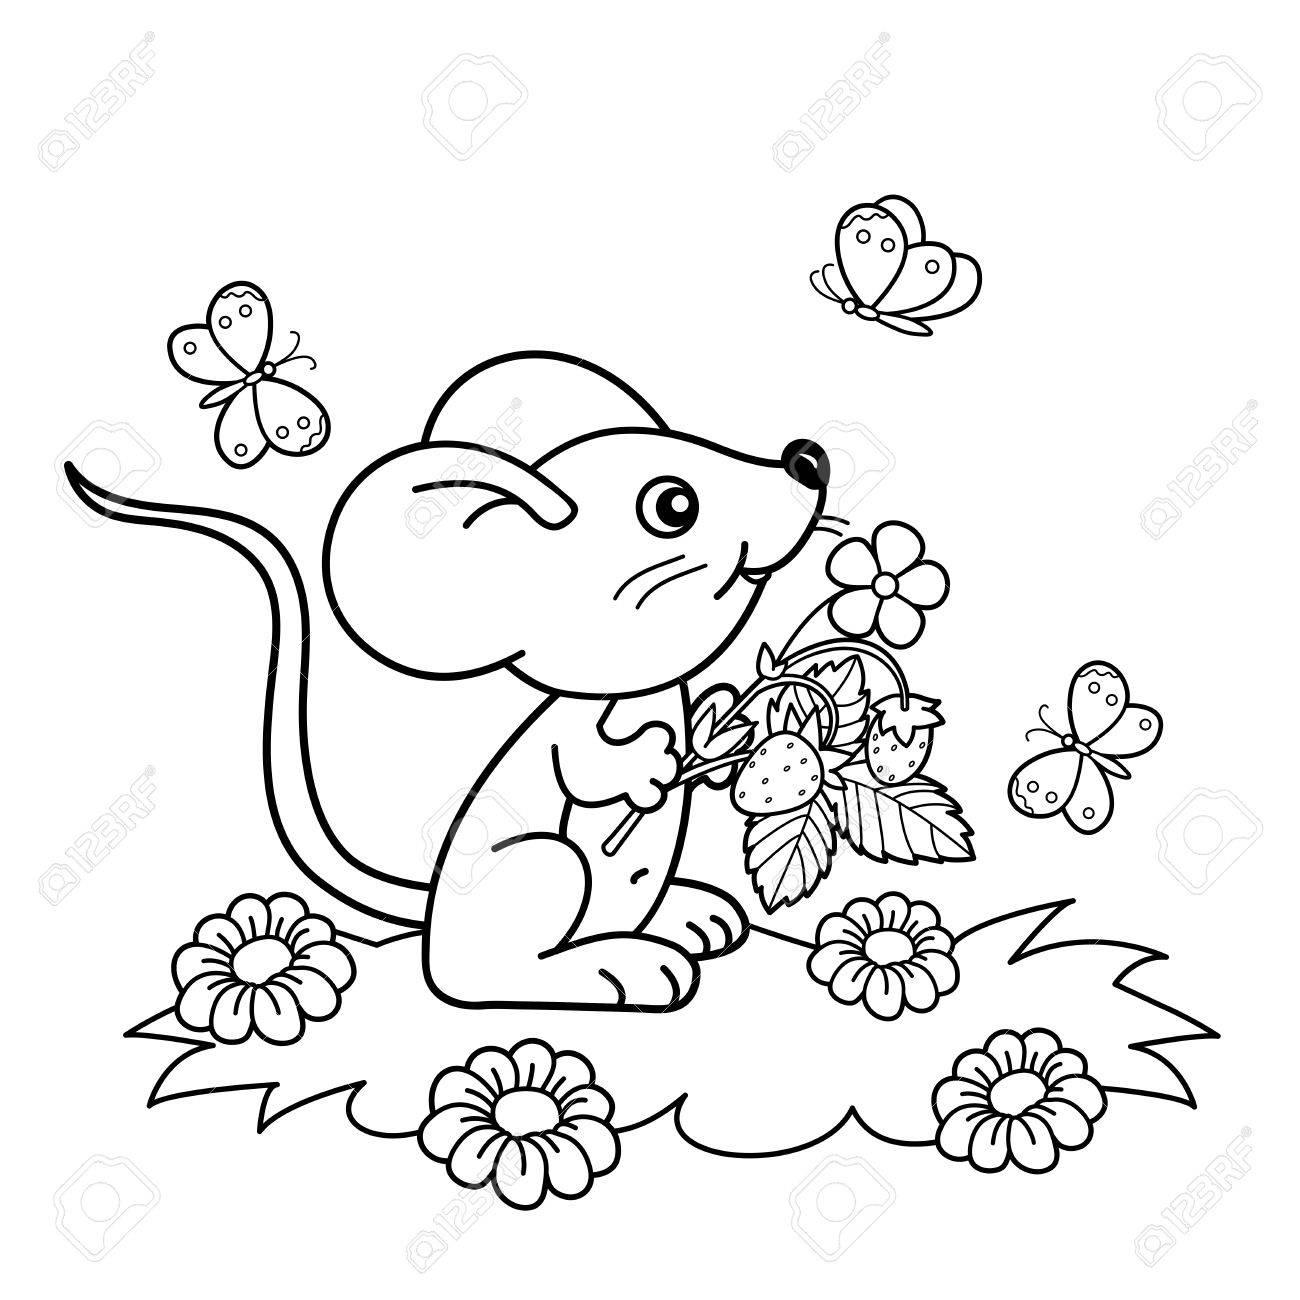 ぬりえページ概要の蝶と草原のイチゴと小さなマウスを漫画します子供の